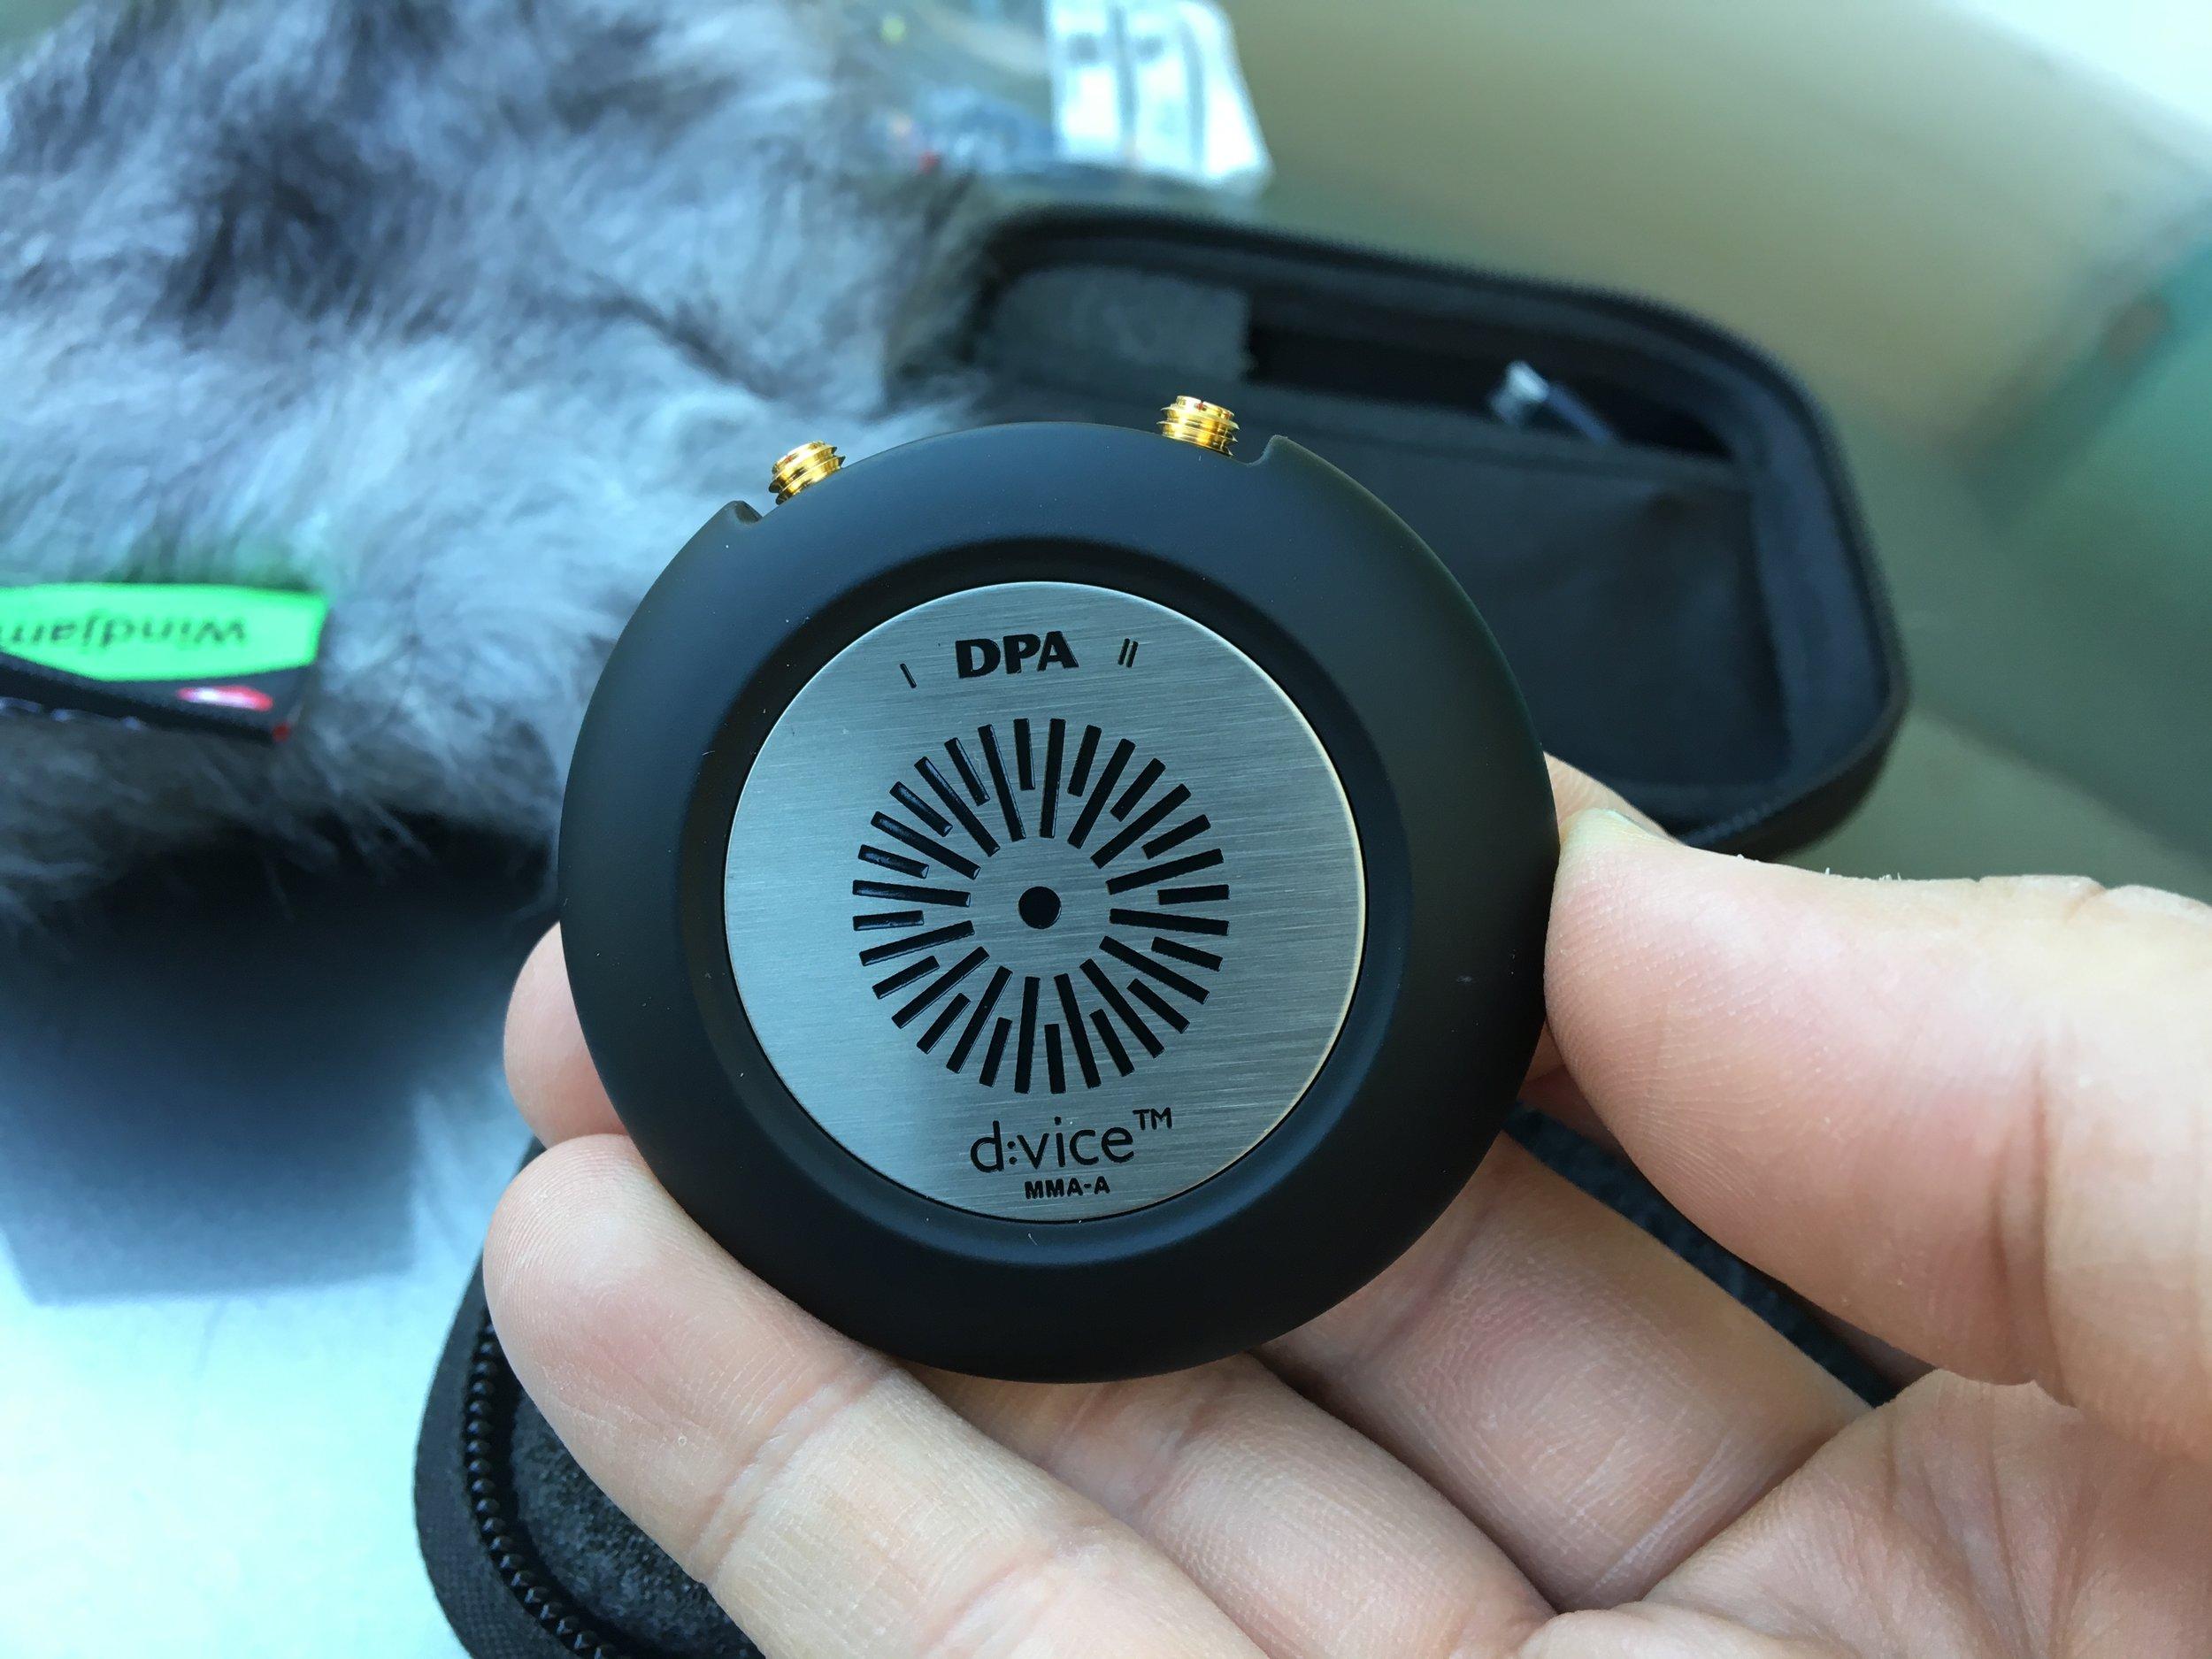 IMG_7101 DPA DVice.JPG